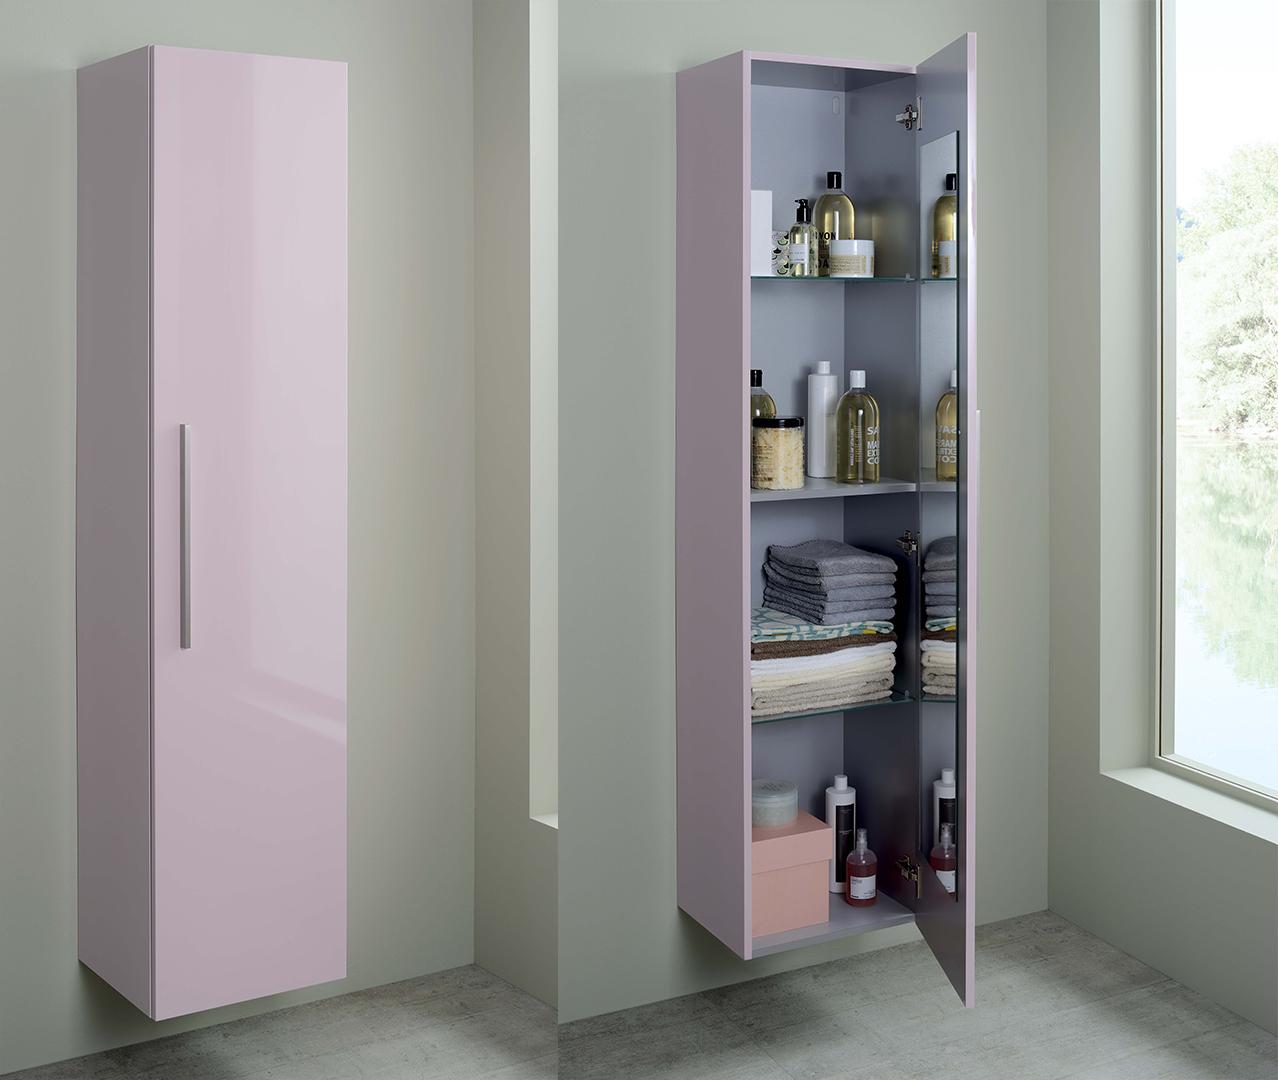 Gamme elemento colonne salle de bain colonne rangement Colonne de rangement salle de bain